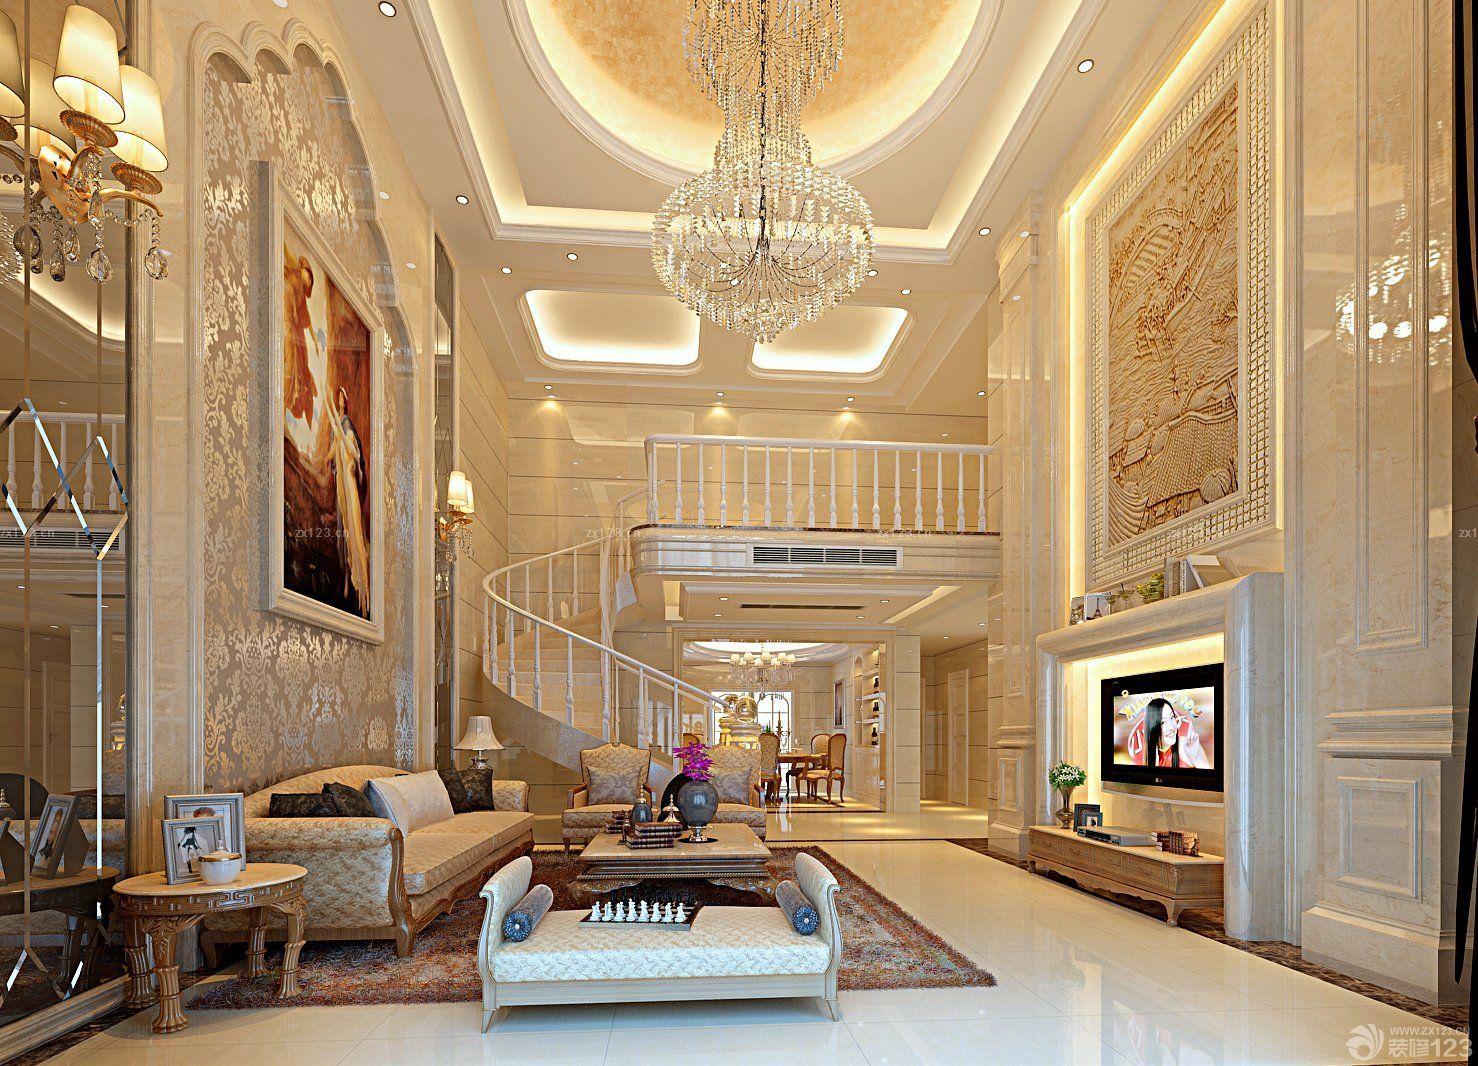 80后新房简欧风格沙发背景装修效果图图片